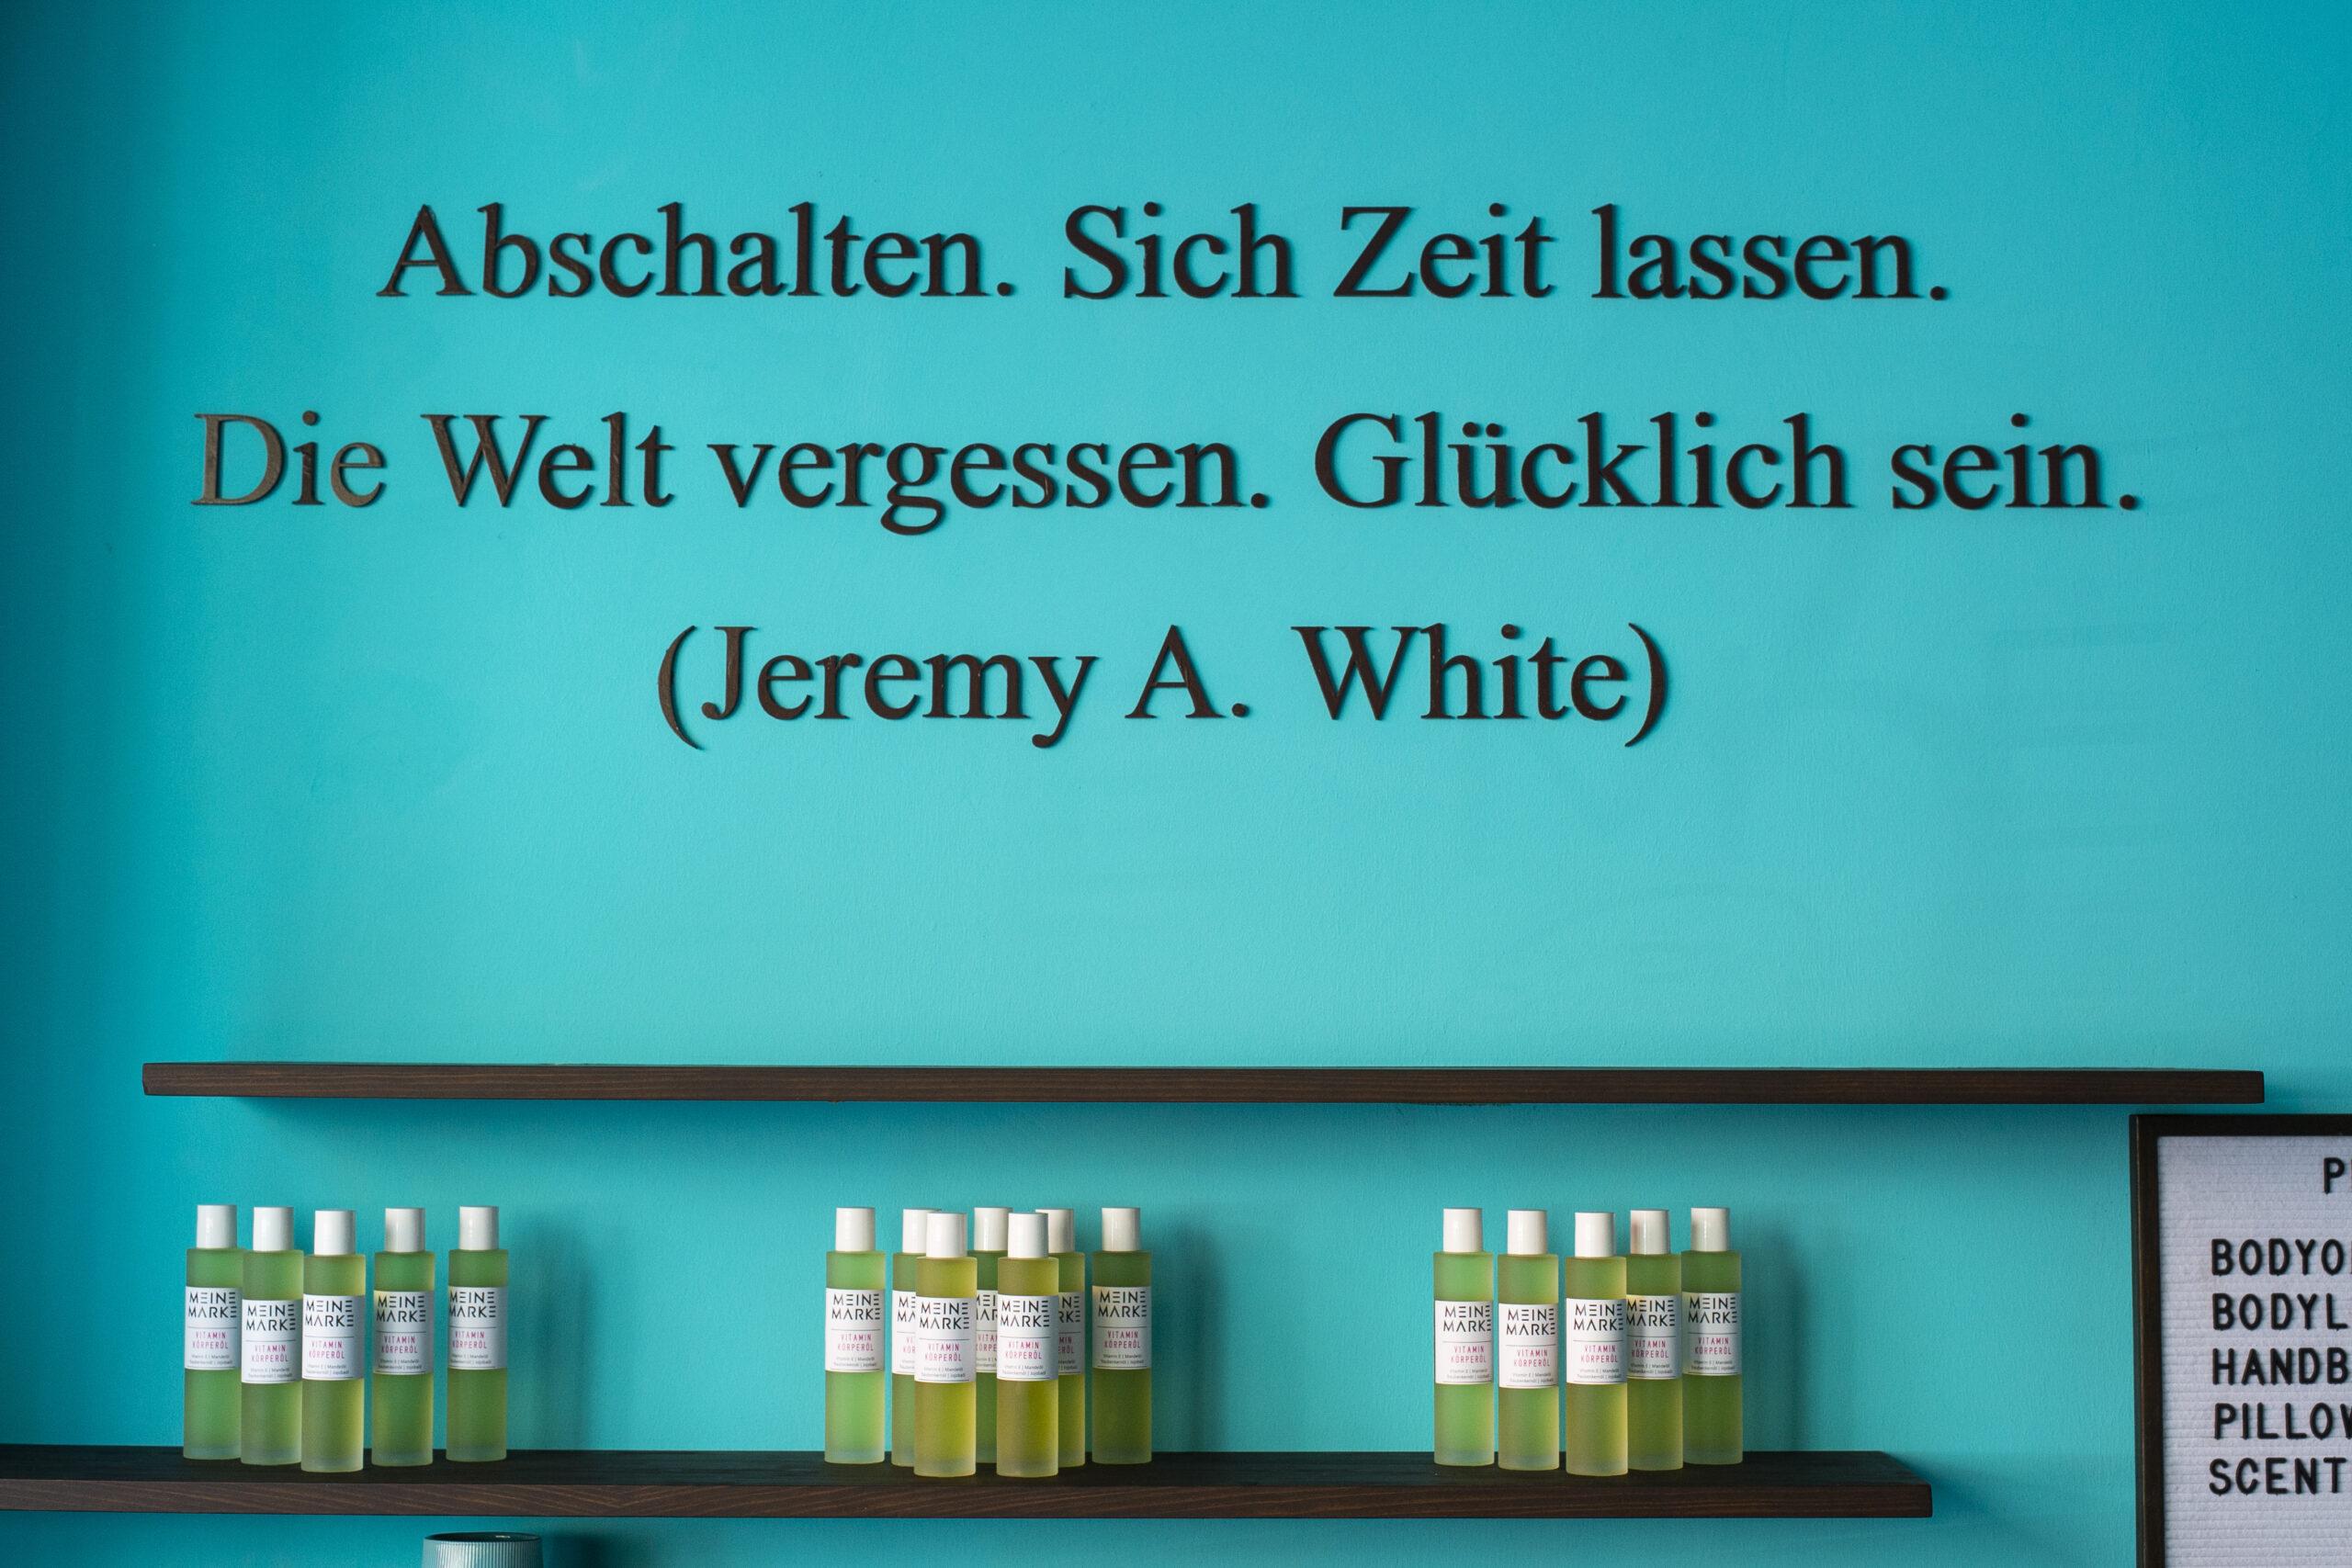 """Wandspruch: """"Abschalten. Sich Zeit lassen. Die Welt vergessen. Glücklich sein."""" (Jeremy A. White)"""